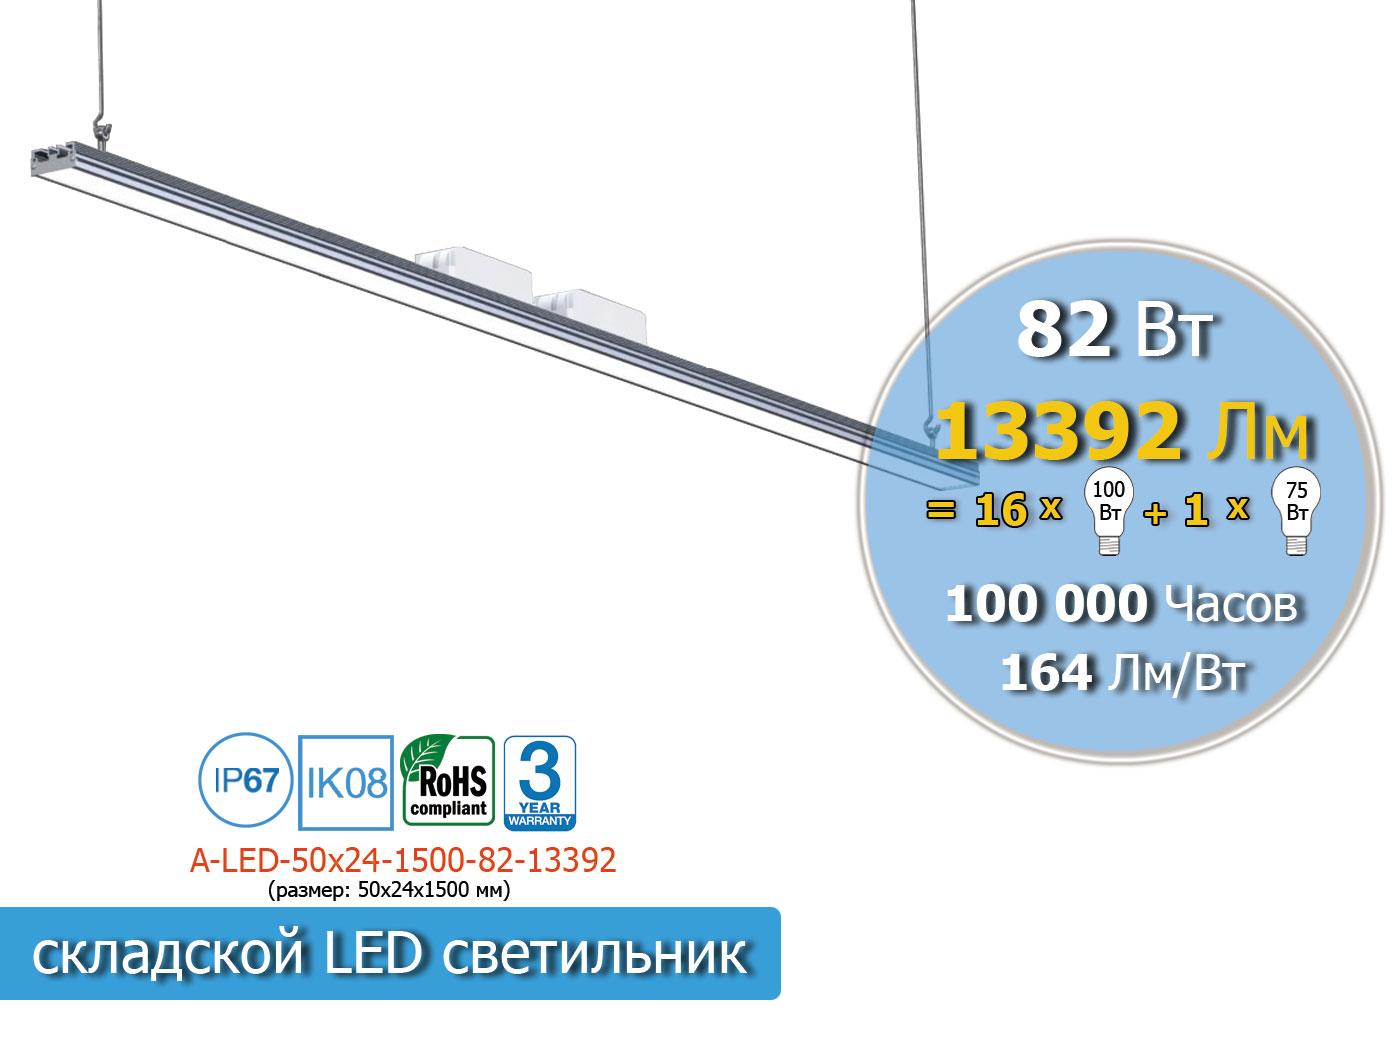 A-LED-50x24-1-1500-82-13392